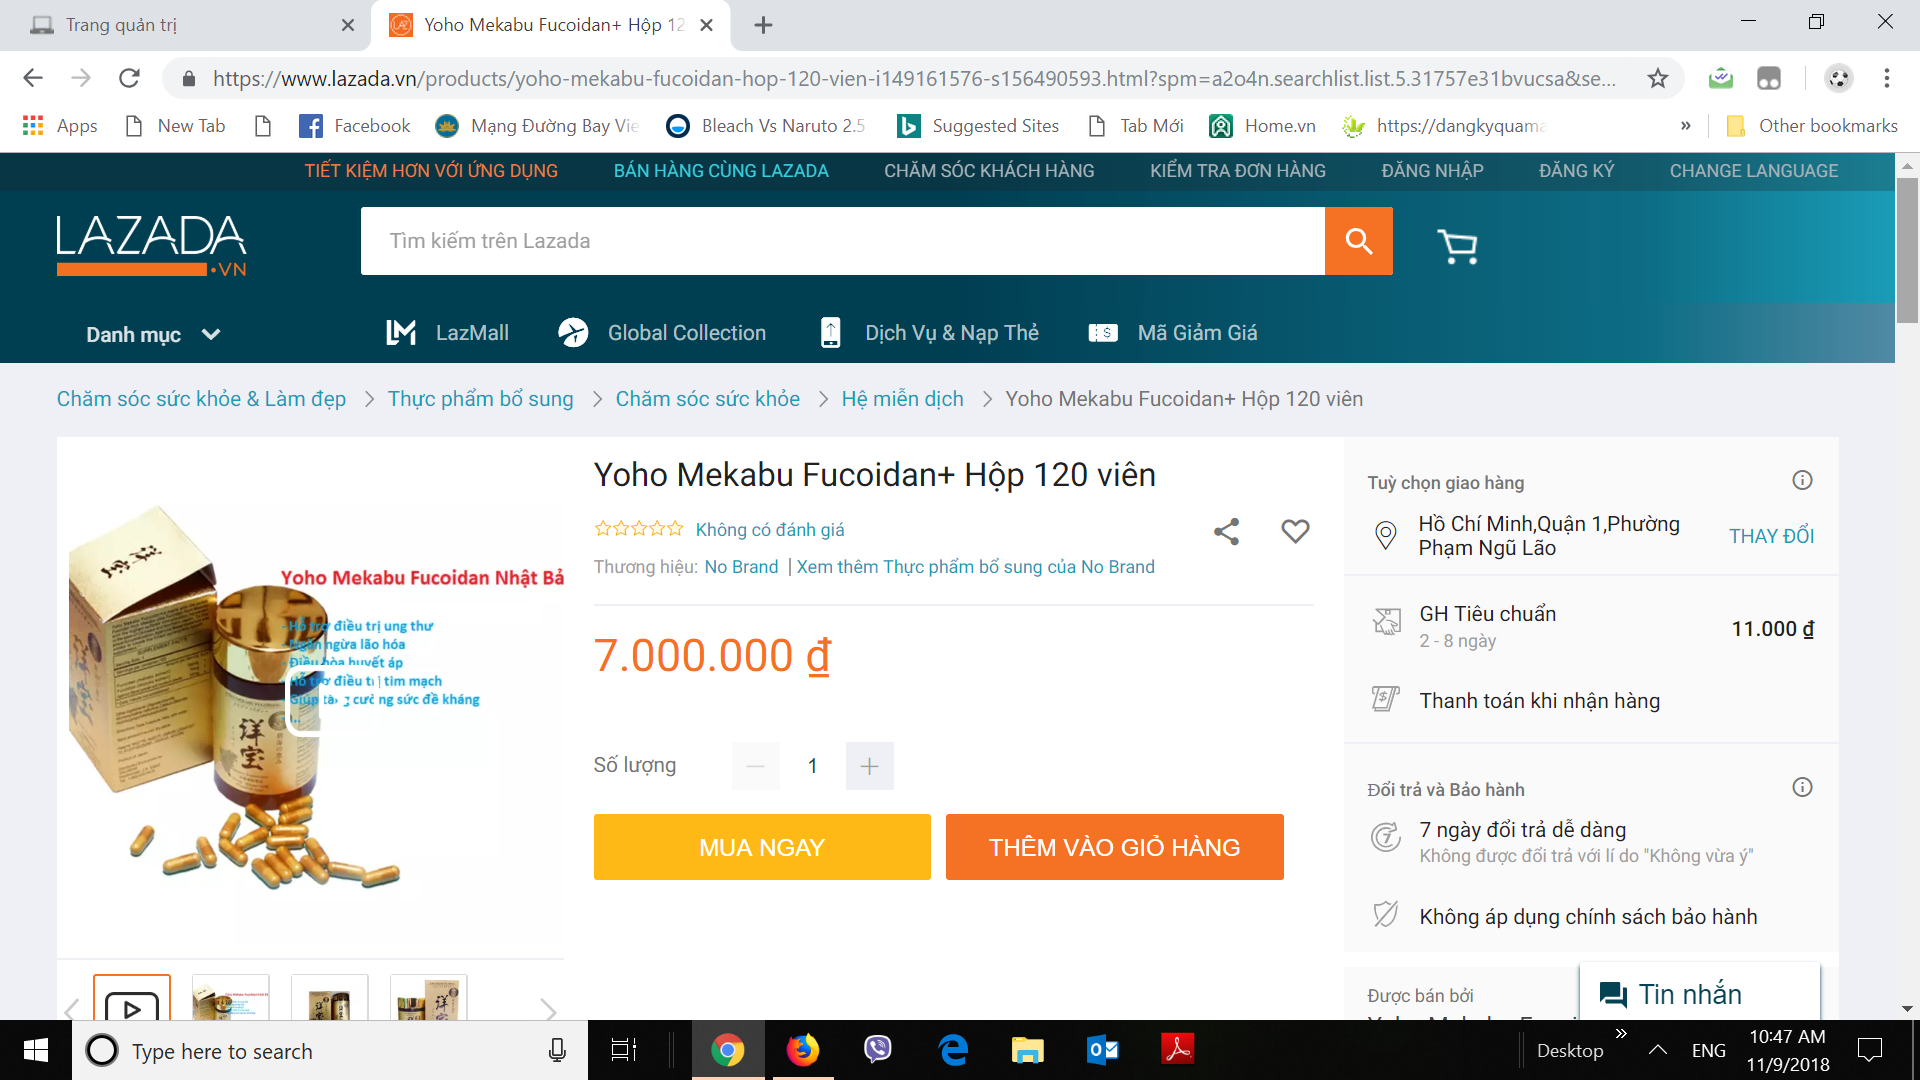 Mua Yoho Mekabu Fucoidan chính hãng trên Lazada.vn